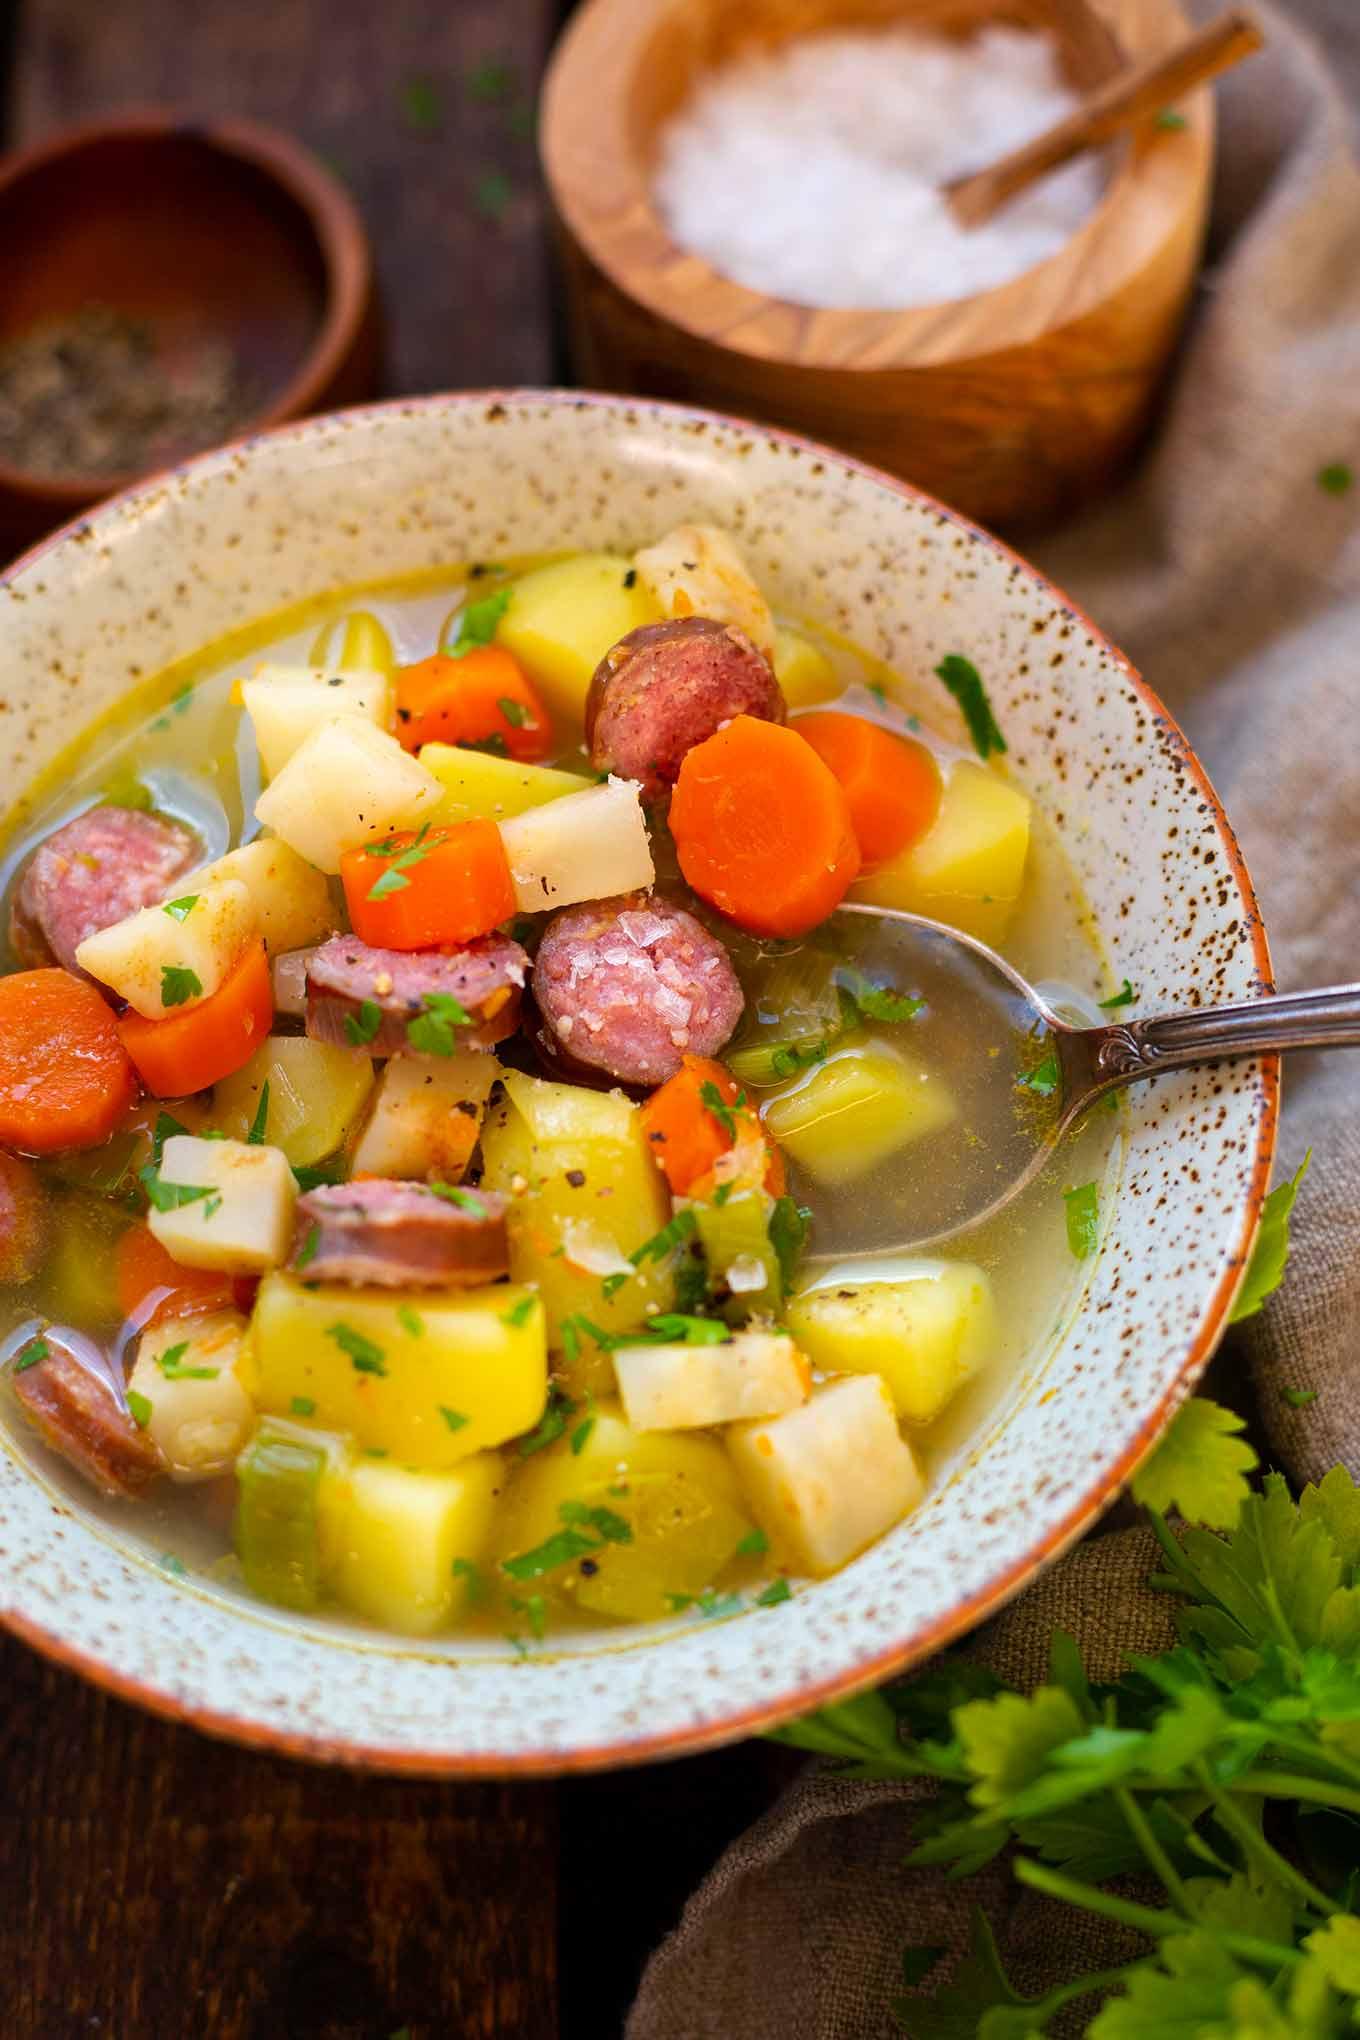 Einfache Kartoffelsuppe mit Mettenden: Gesundes Soulfood für kalte Tage gesucht? Diese einfache Kartoffelsuppe mit Würstchen ist in nur 20 Minuten vorbereitet, herzhaft und super lecker! Kochkarussell - dein Foodblog für gesundes Soulfood und einfache Feierabend Rezepte.